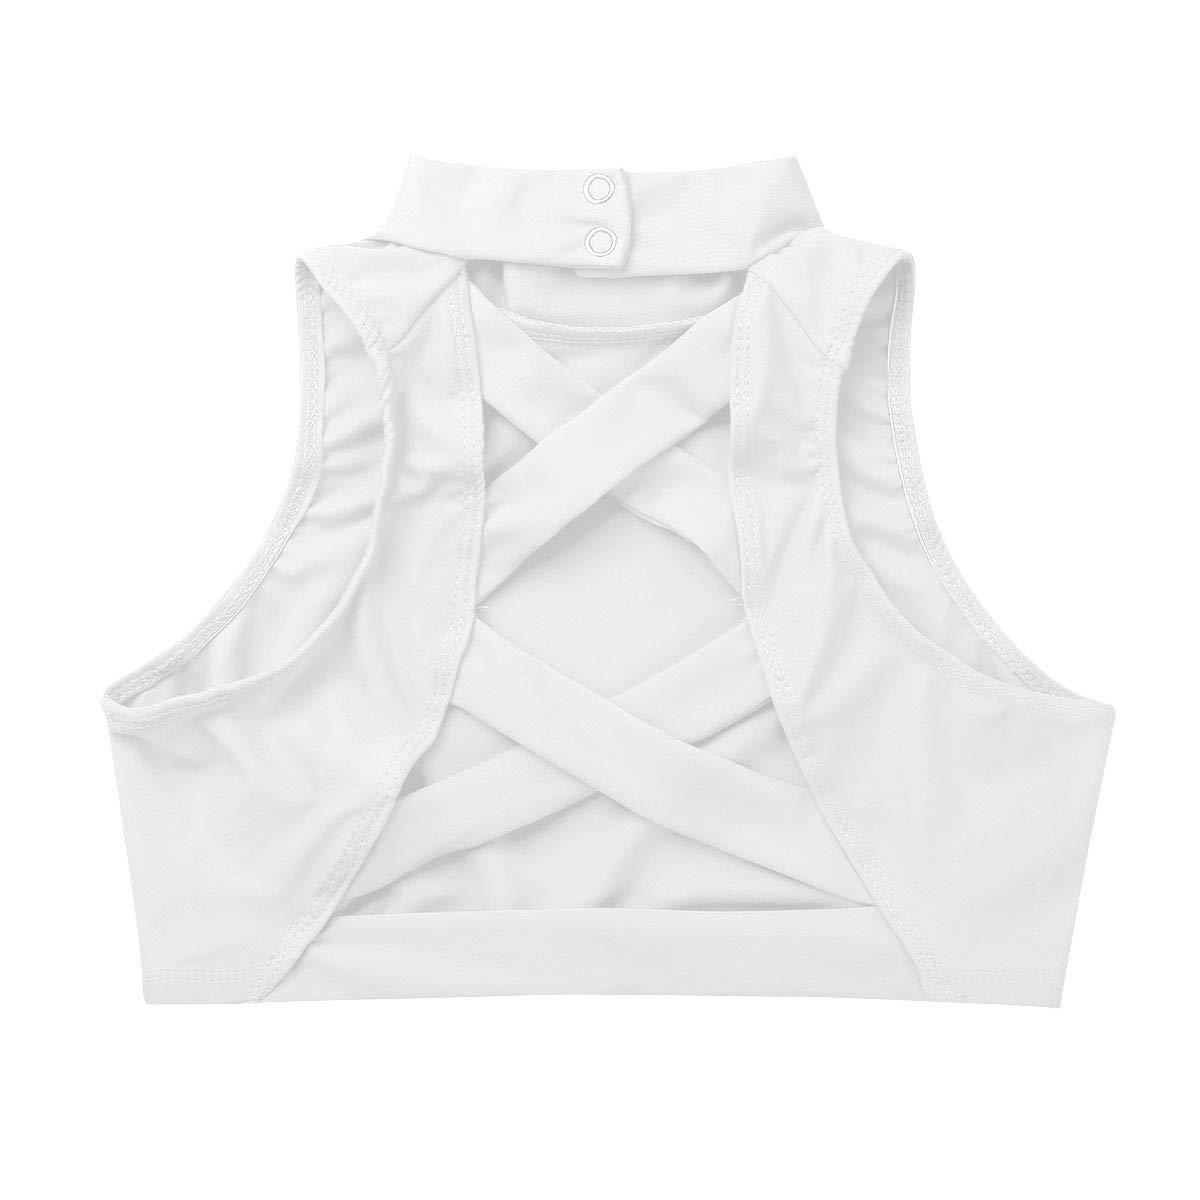 inlzdz Crop Top Deportiva Ni/ñas Camiseta Corta sin Manga Espalda Abierta con Correas Cruzada Chaleco Deportiva de Ballet Danza Ropa de Gimnasia para Ni/ñas 8-14 A/ños